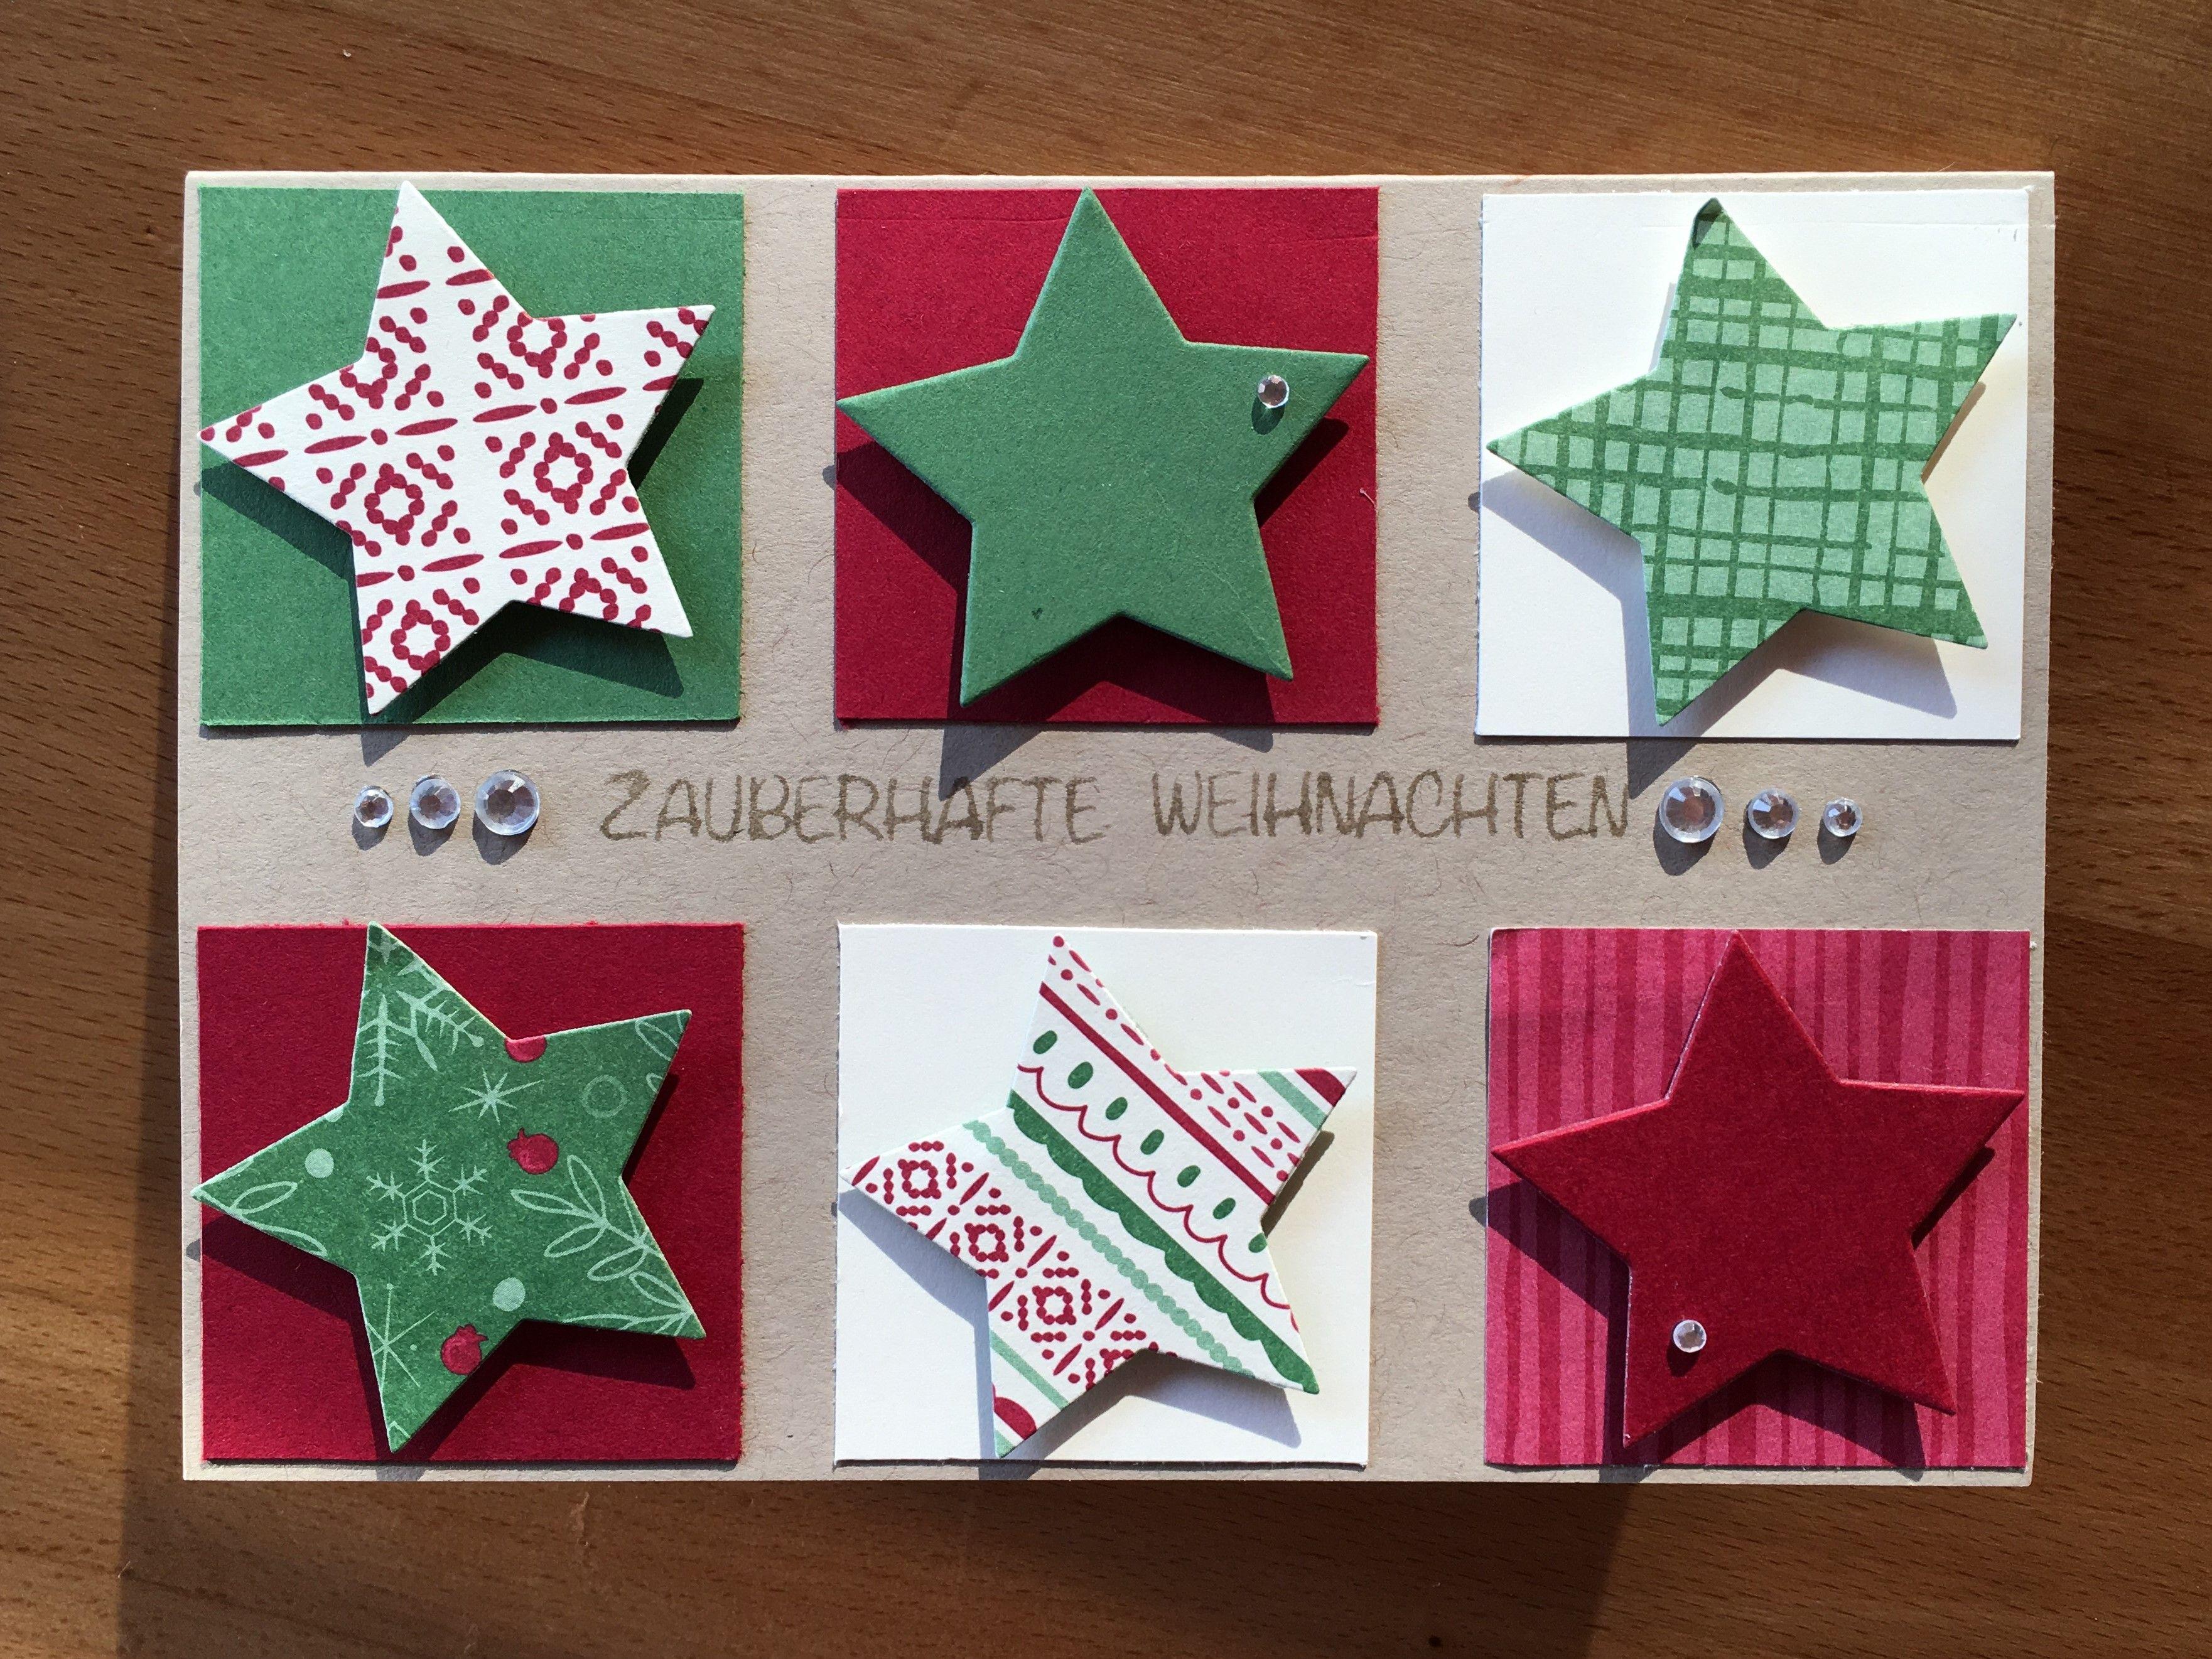 Weihnachtskarte Selbst Gemacht, Sterne